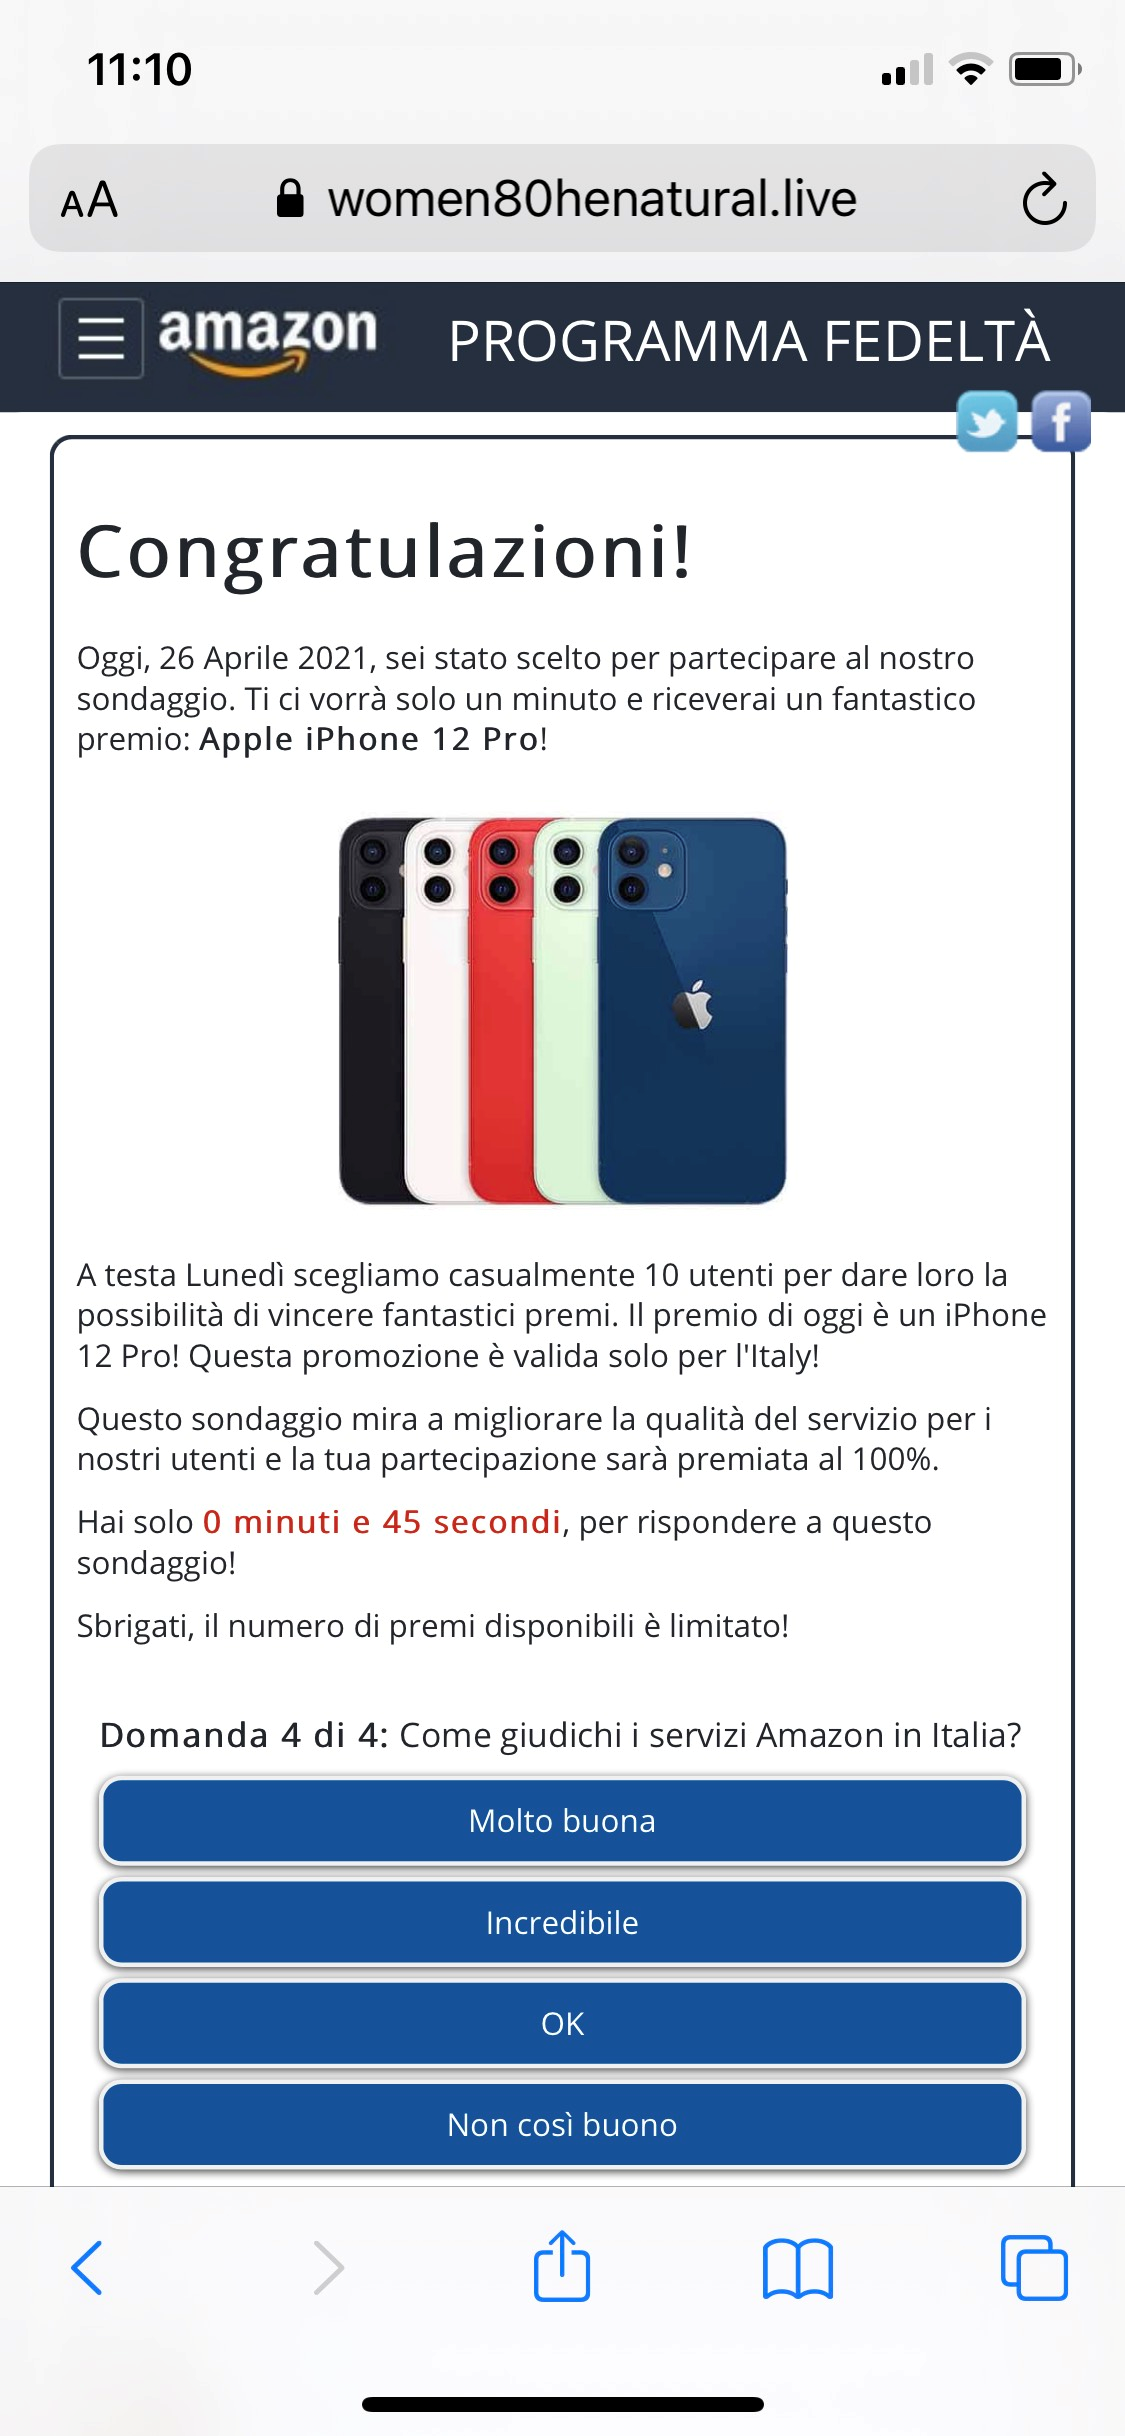 Clicca per ingrandire l'immagine della falsa pagina web di Amazon, che offre la possibilità di vincere un fantastico premio l'iPhone 12 Pro solo per 10 fortunati utenti...